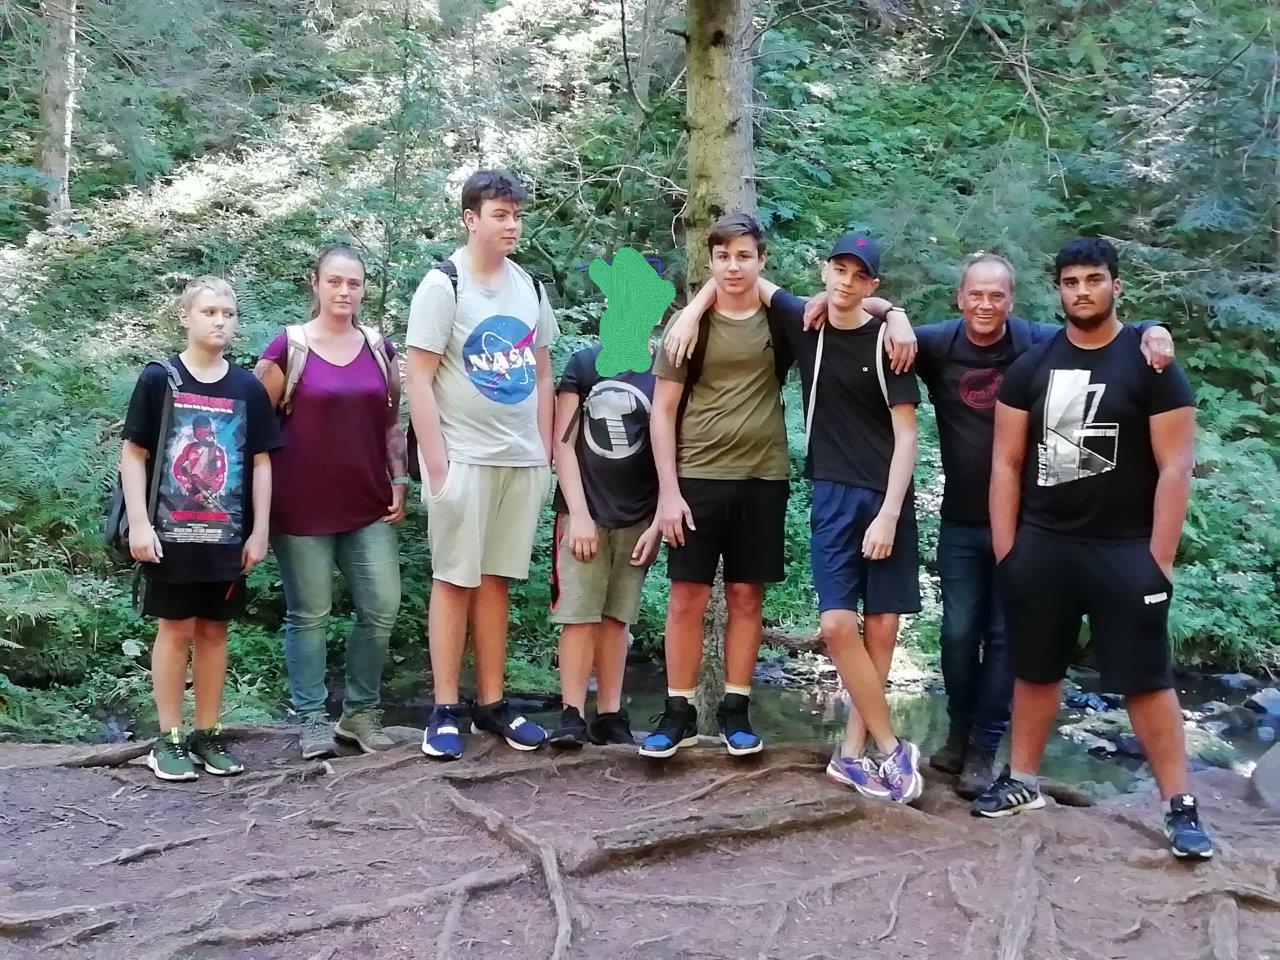 Sommerfreizeit der TG Storchennest im Stöcklewald